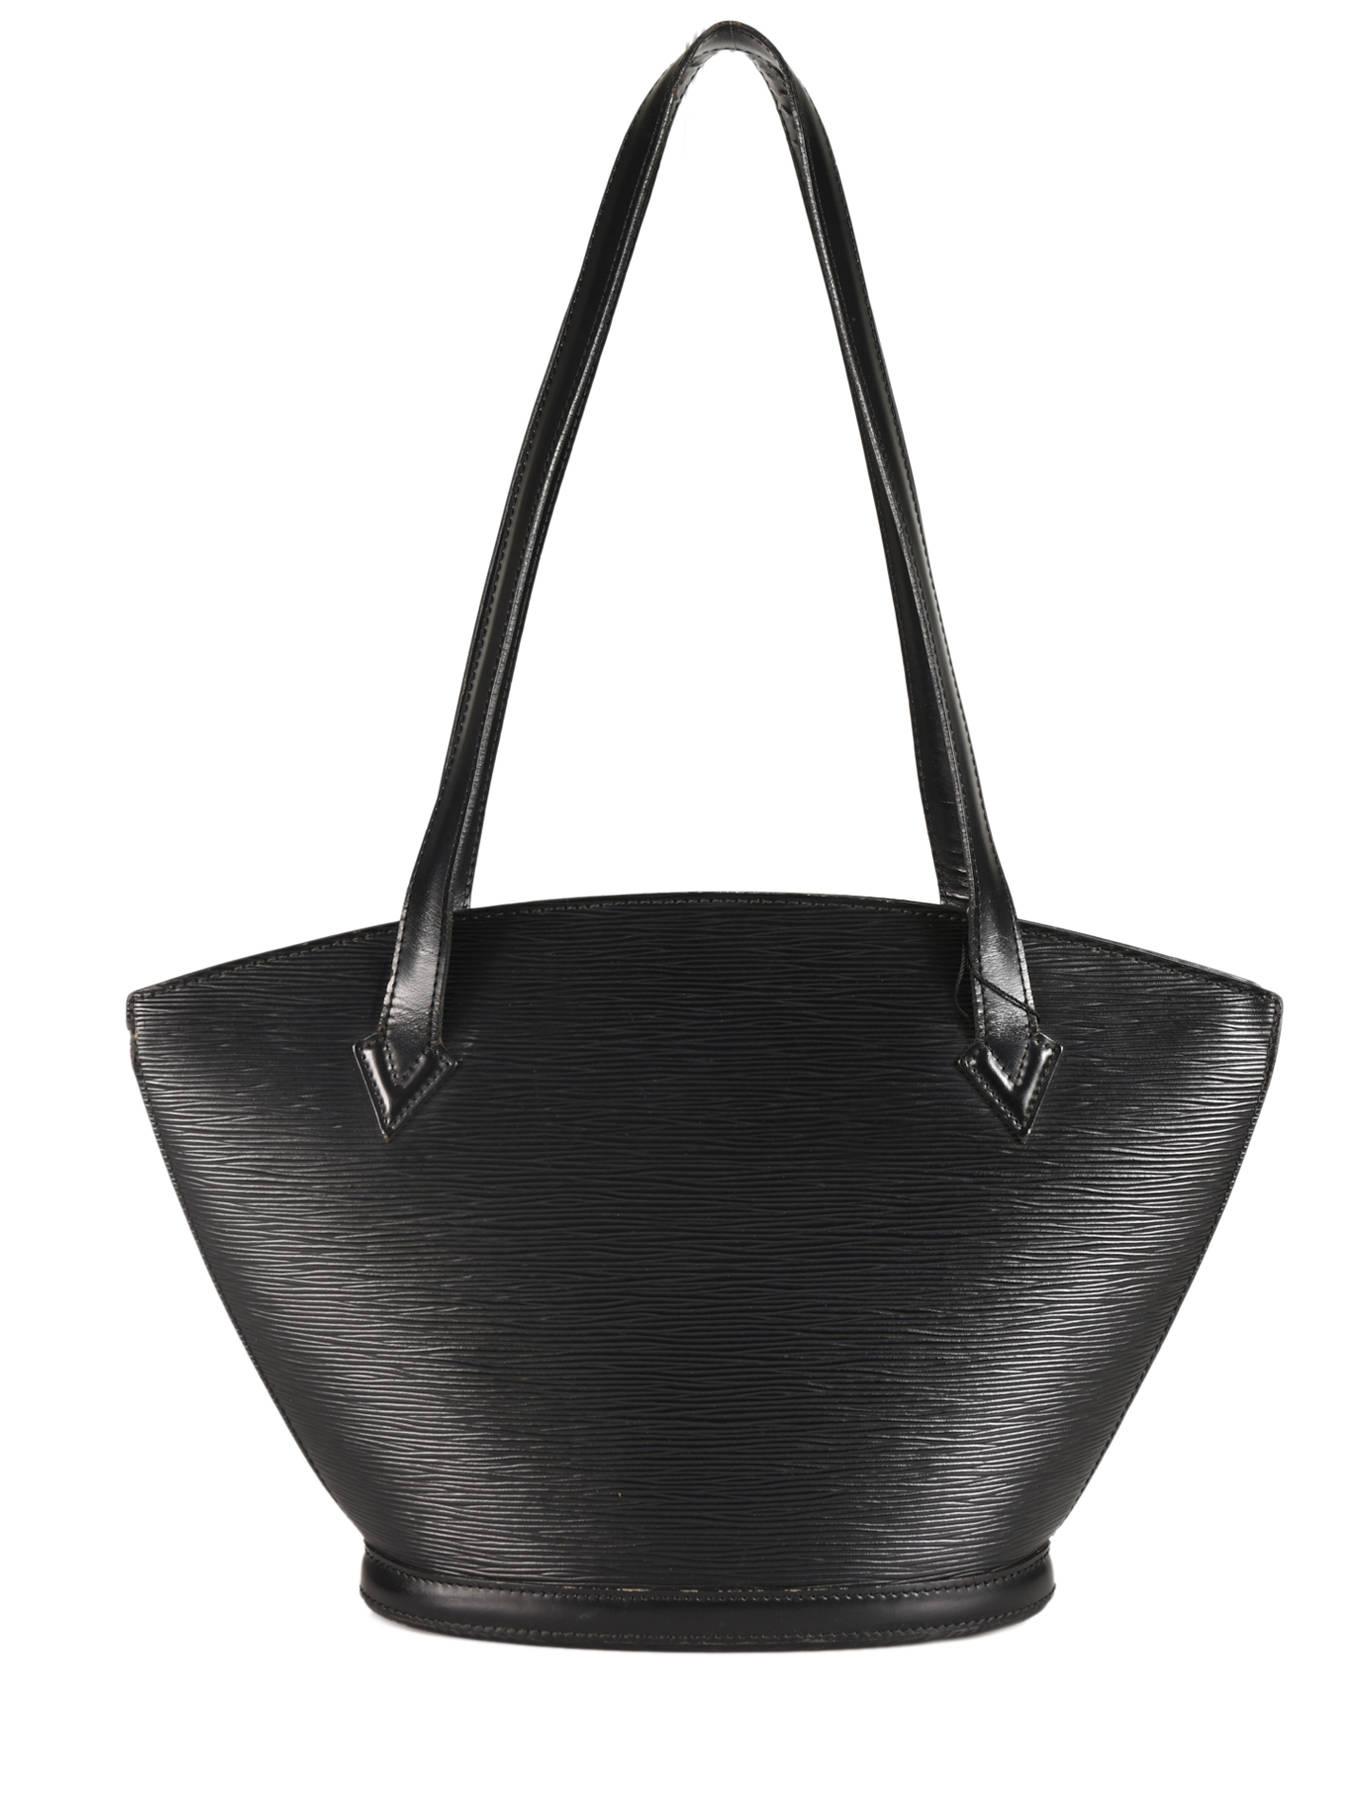 ... Sac Shopping D occasion Louis Vuitton St-jacques Brand connection Noir louis  vuitton 190C ... 18208baa032